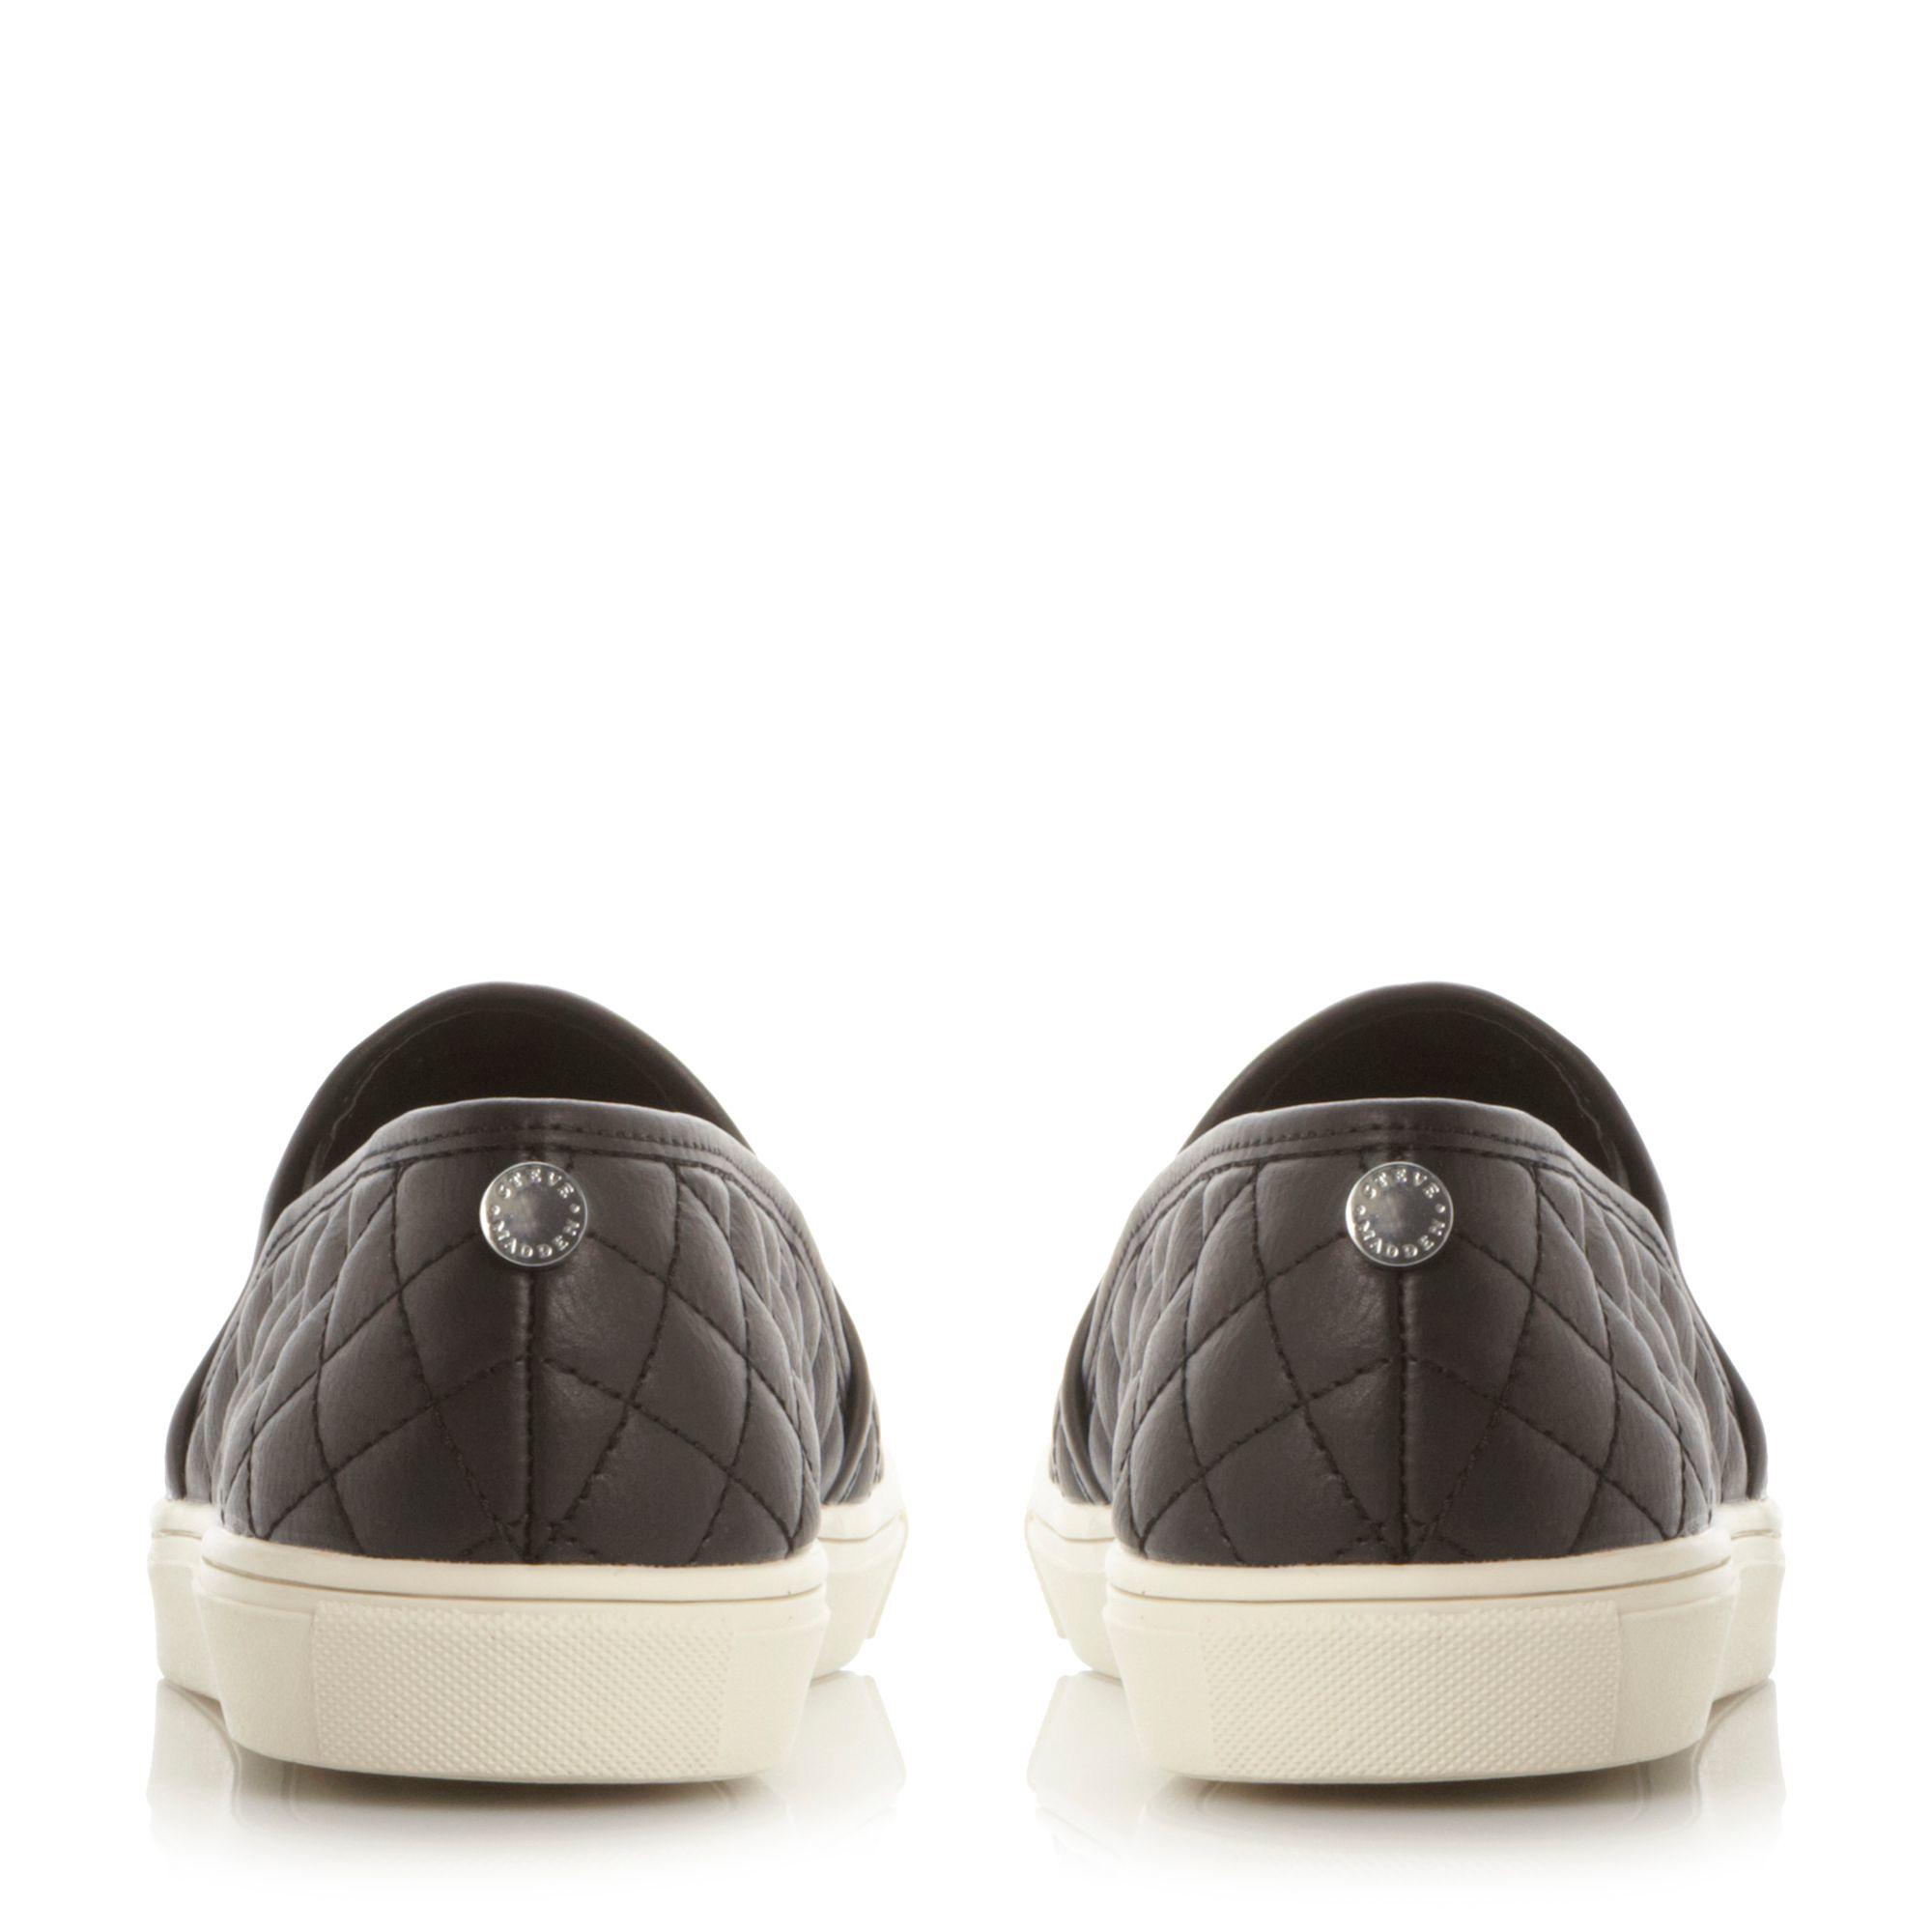 Steve Madden Ecentrcq Slip On Sneakers in Black